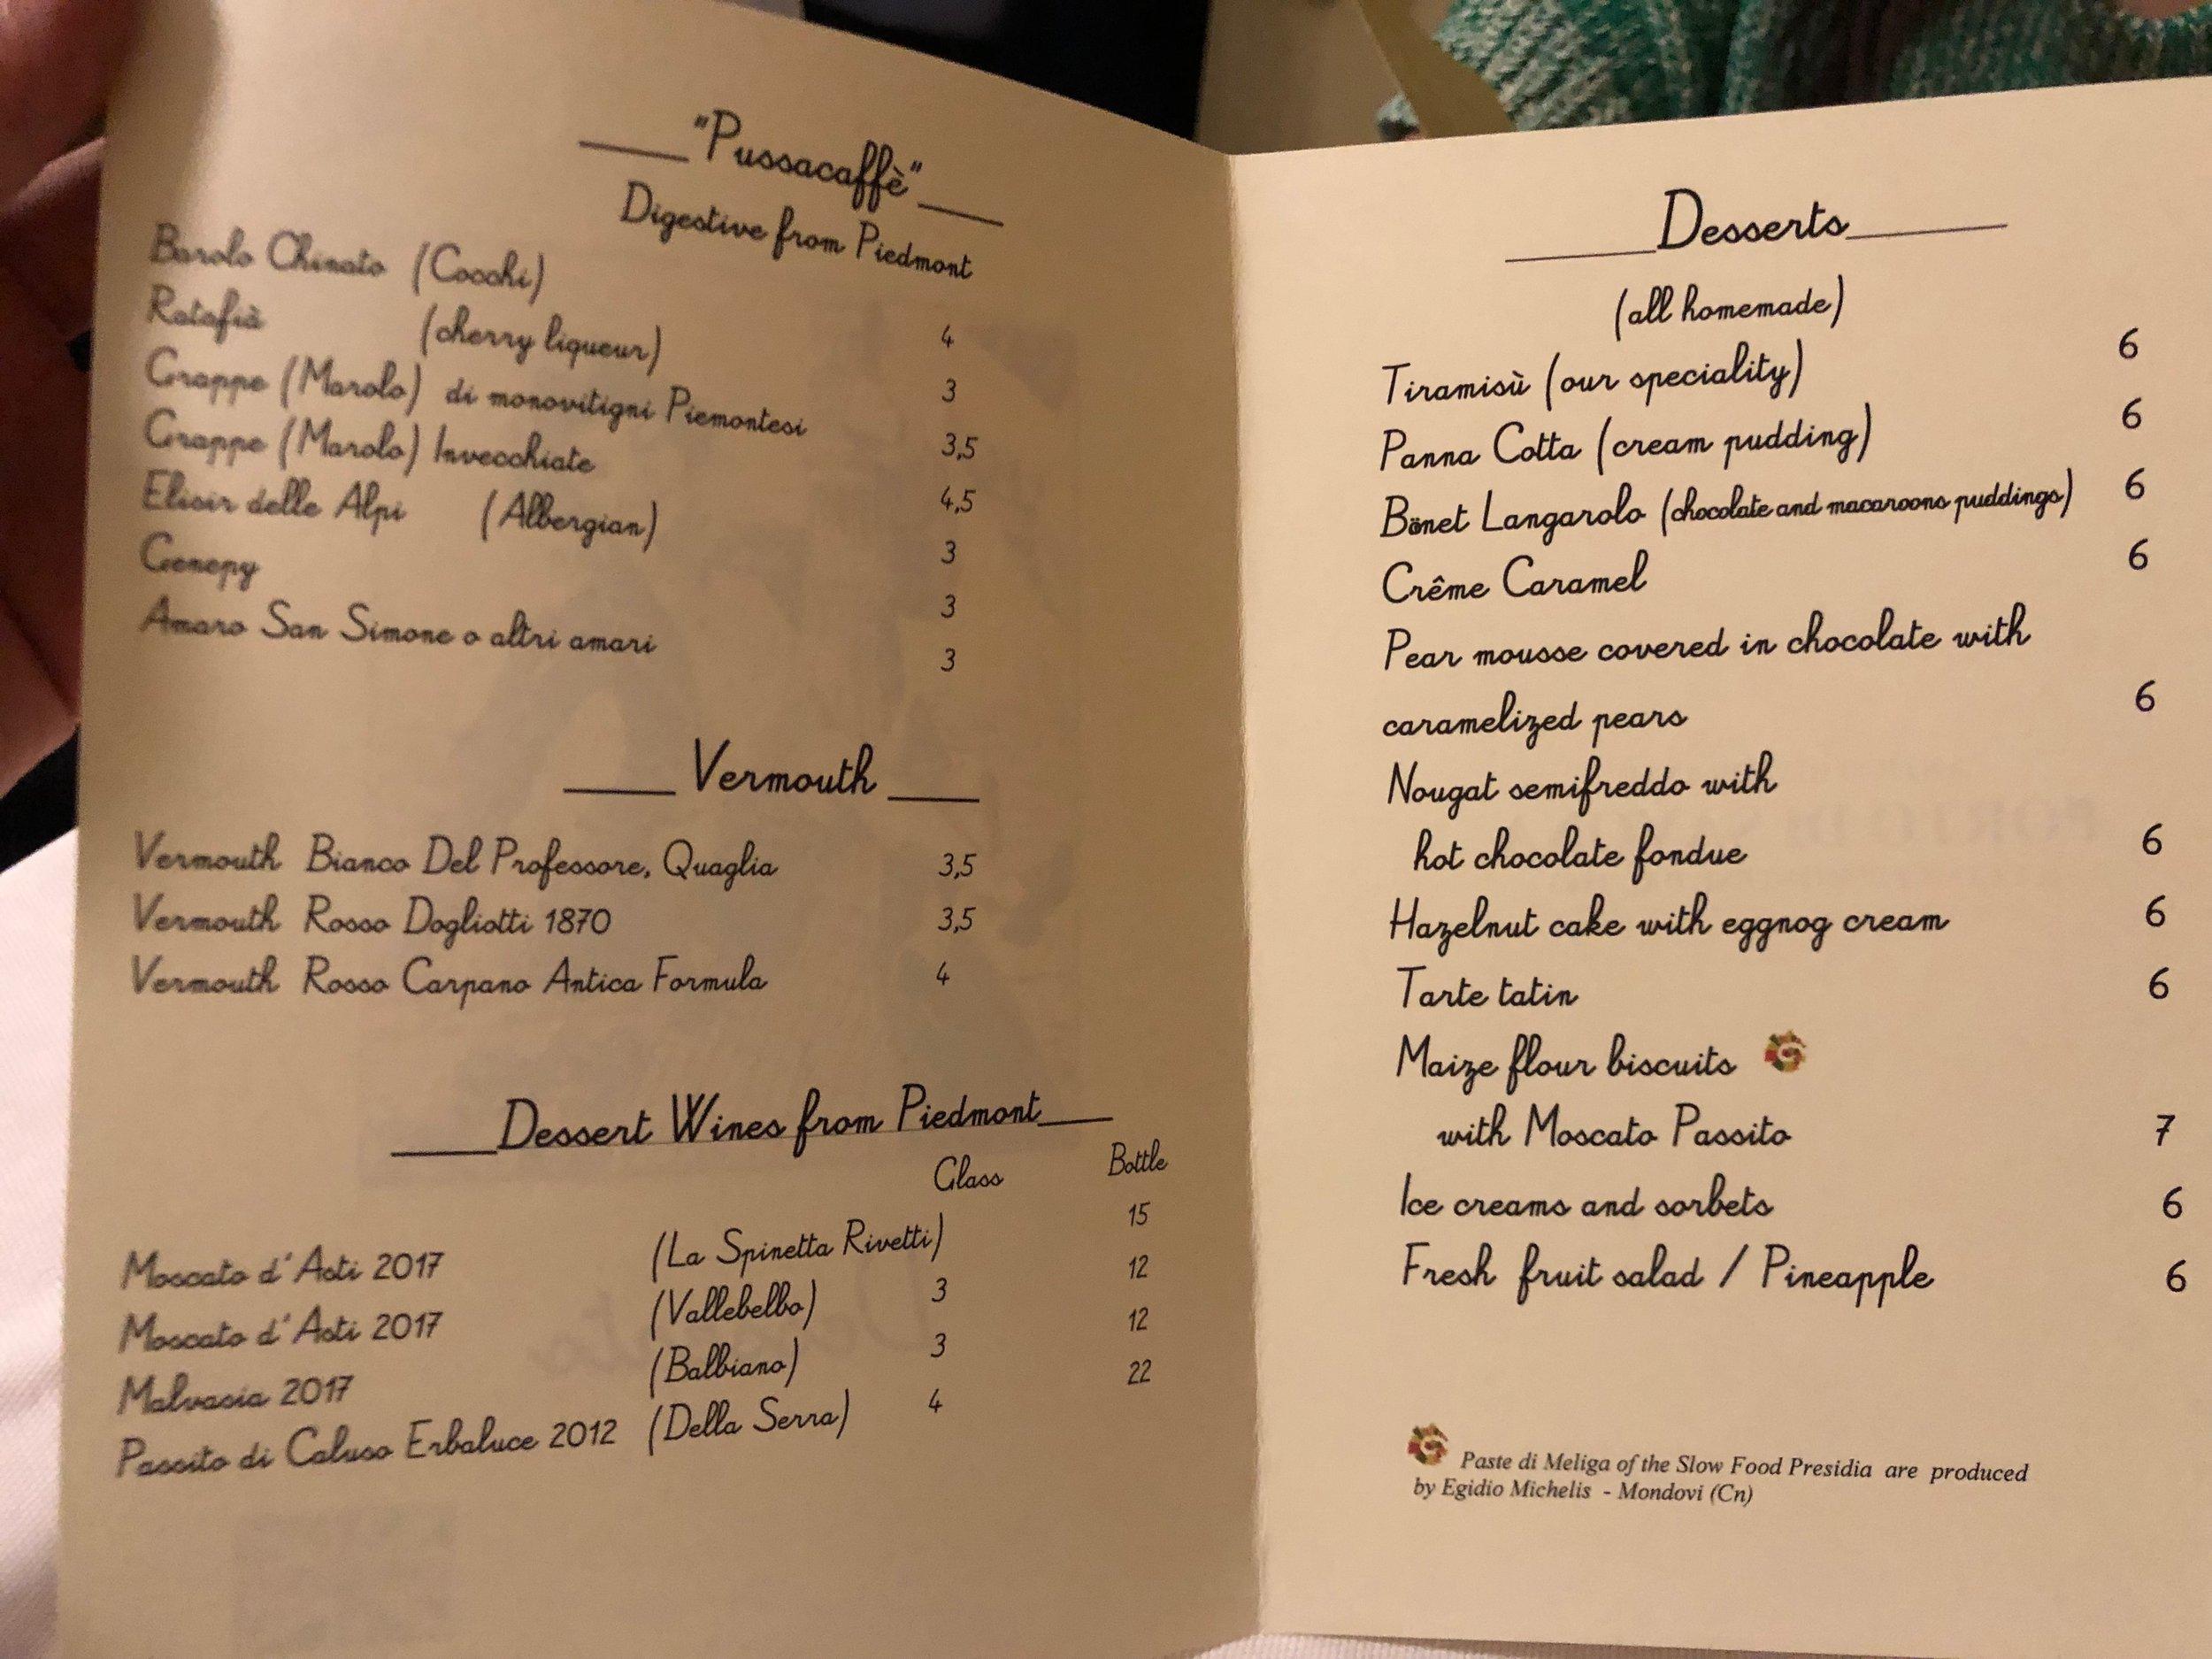 Porto di Savona dessert menu